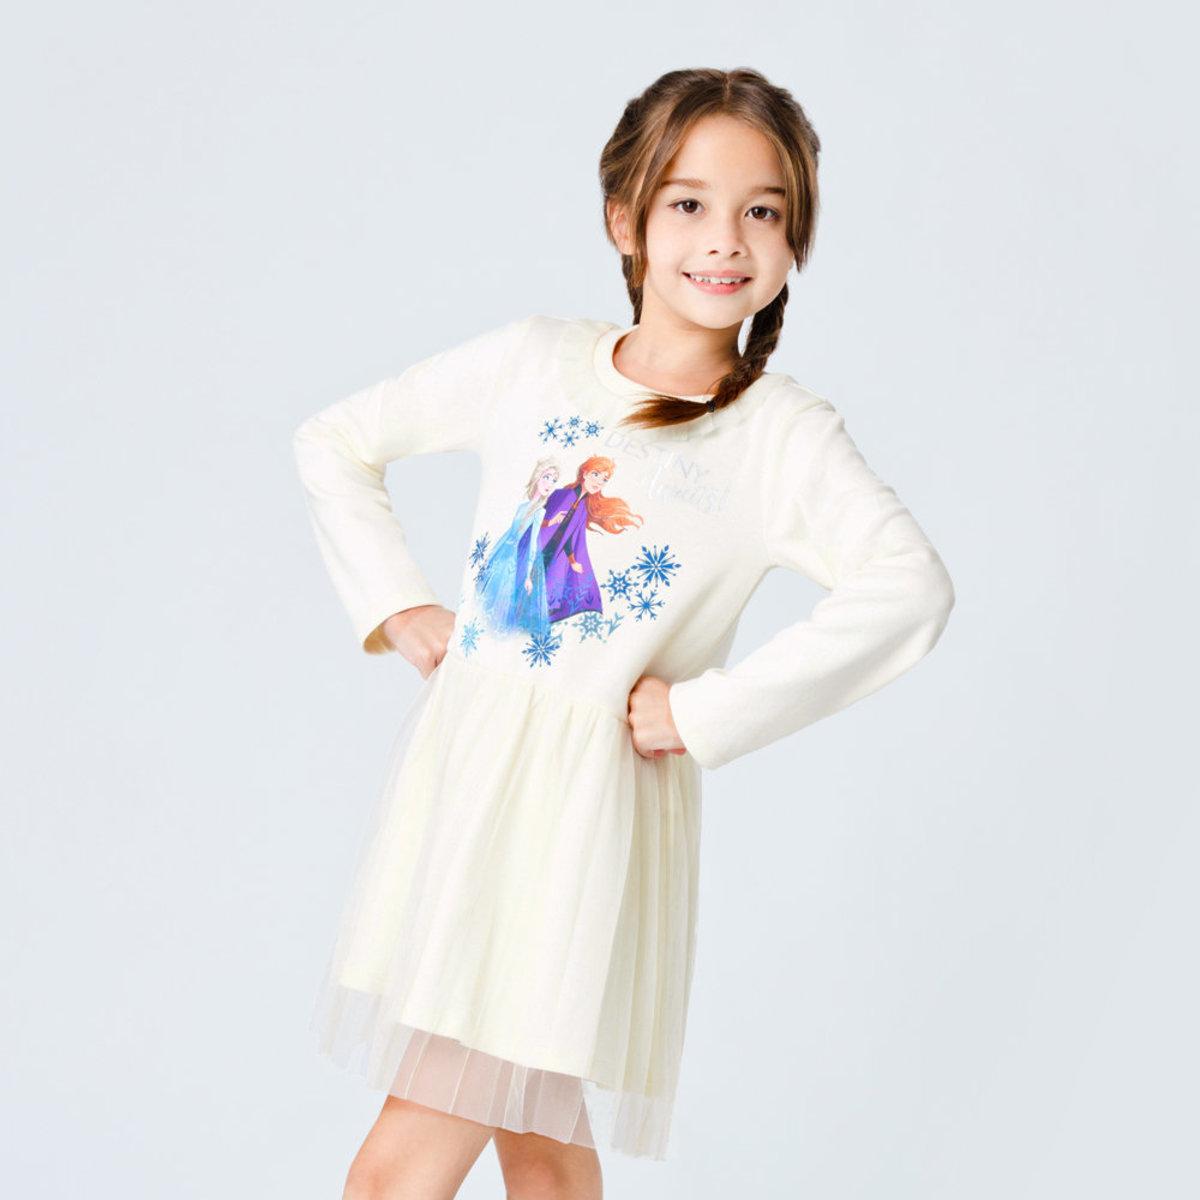 Frozen II 魔雪奇緣2 長袖網紗連身裙  [迪士尼許可產品]- #D0505